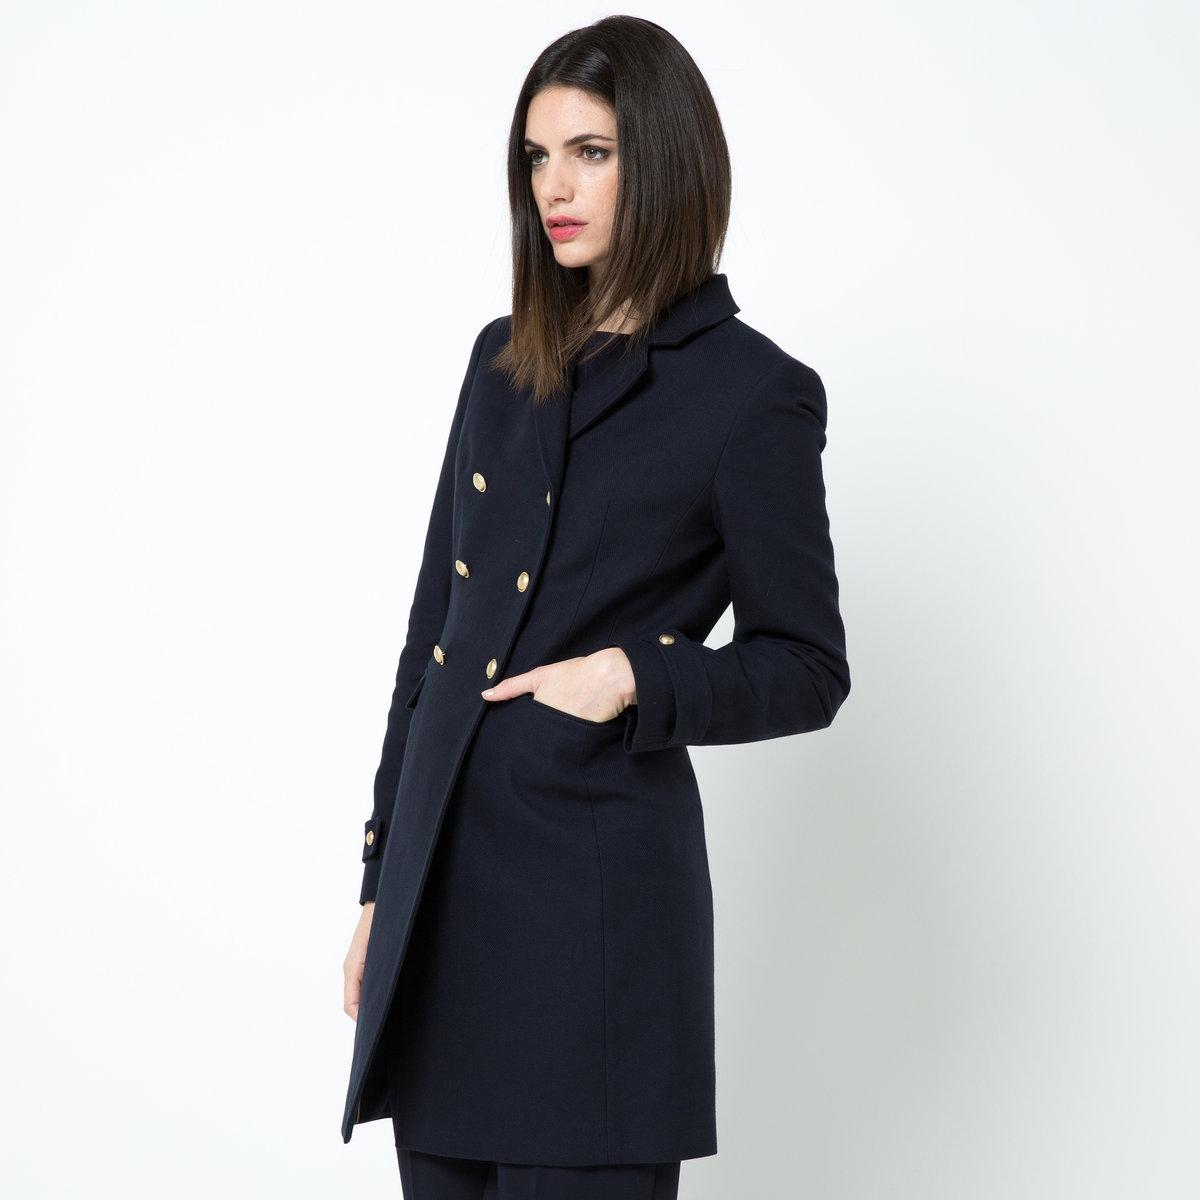 Пальто летнее, 100% хлопкаПланки с пуговицами внизу рукавов. 1 внутренний карман.Шлица сзади.<br><br>Цвет: темно-синий<br>Размер: 34 (FR) - 40 (RUS)